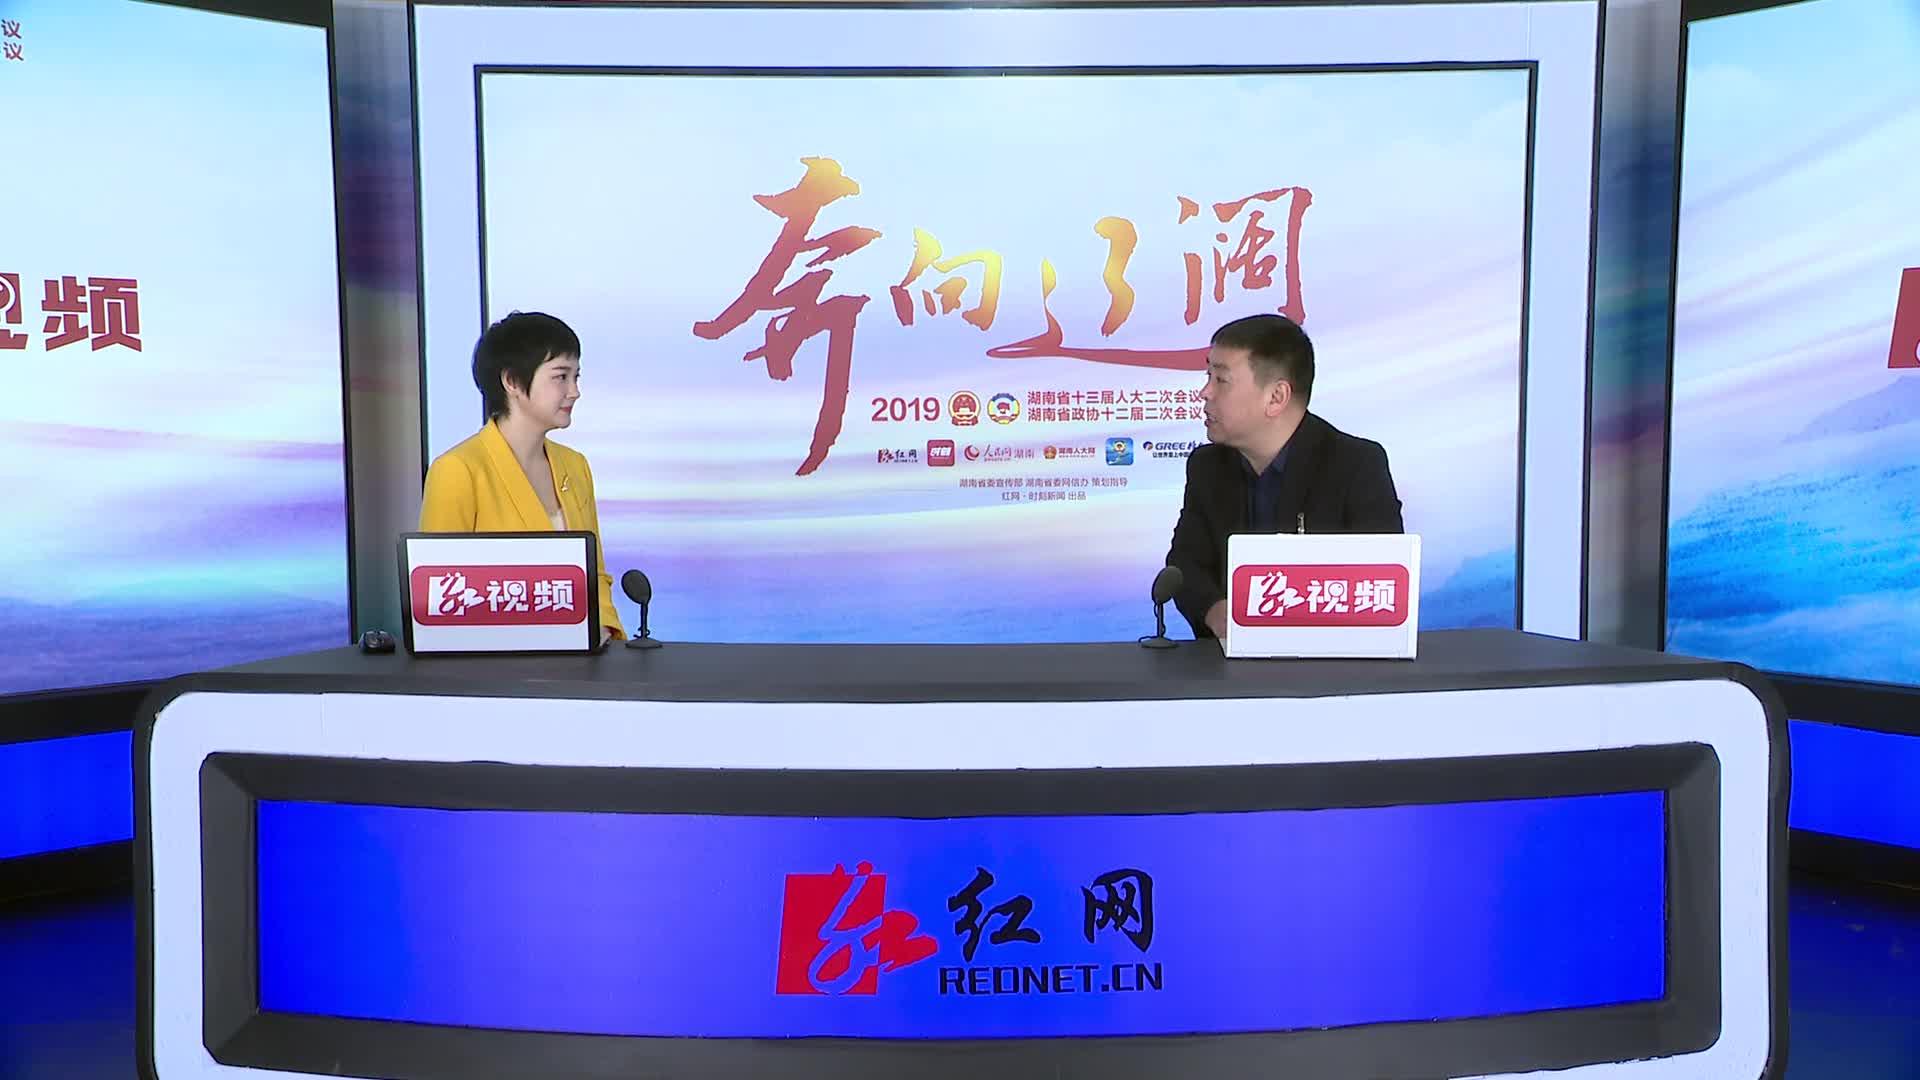 【奔向辽阔】两会访谈  刘波:茶乡有韵茶道长 连通百姓幸福路